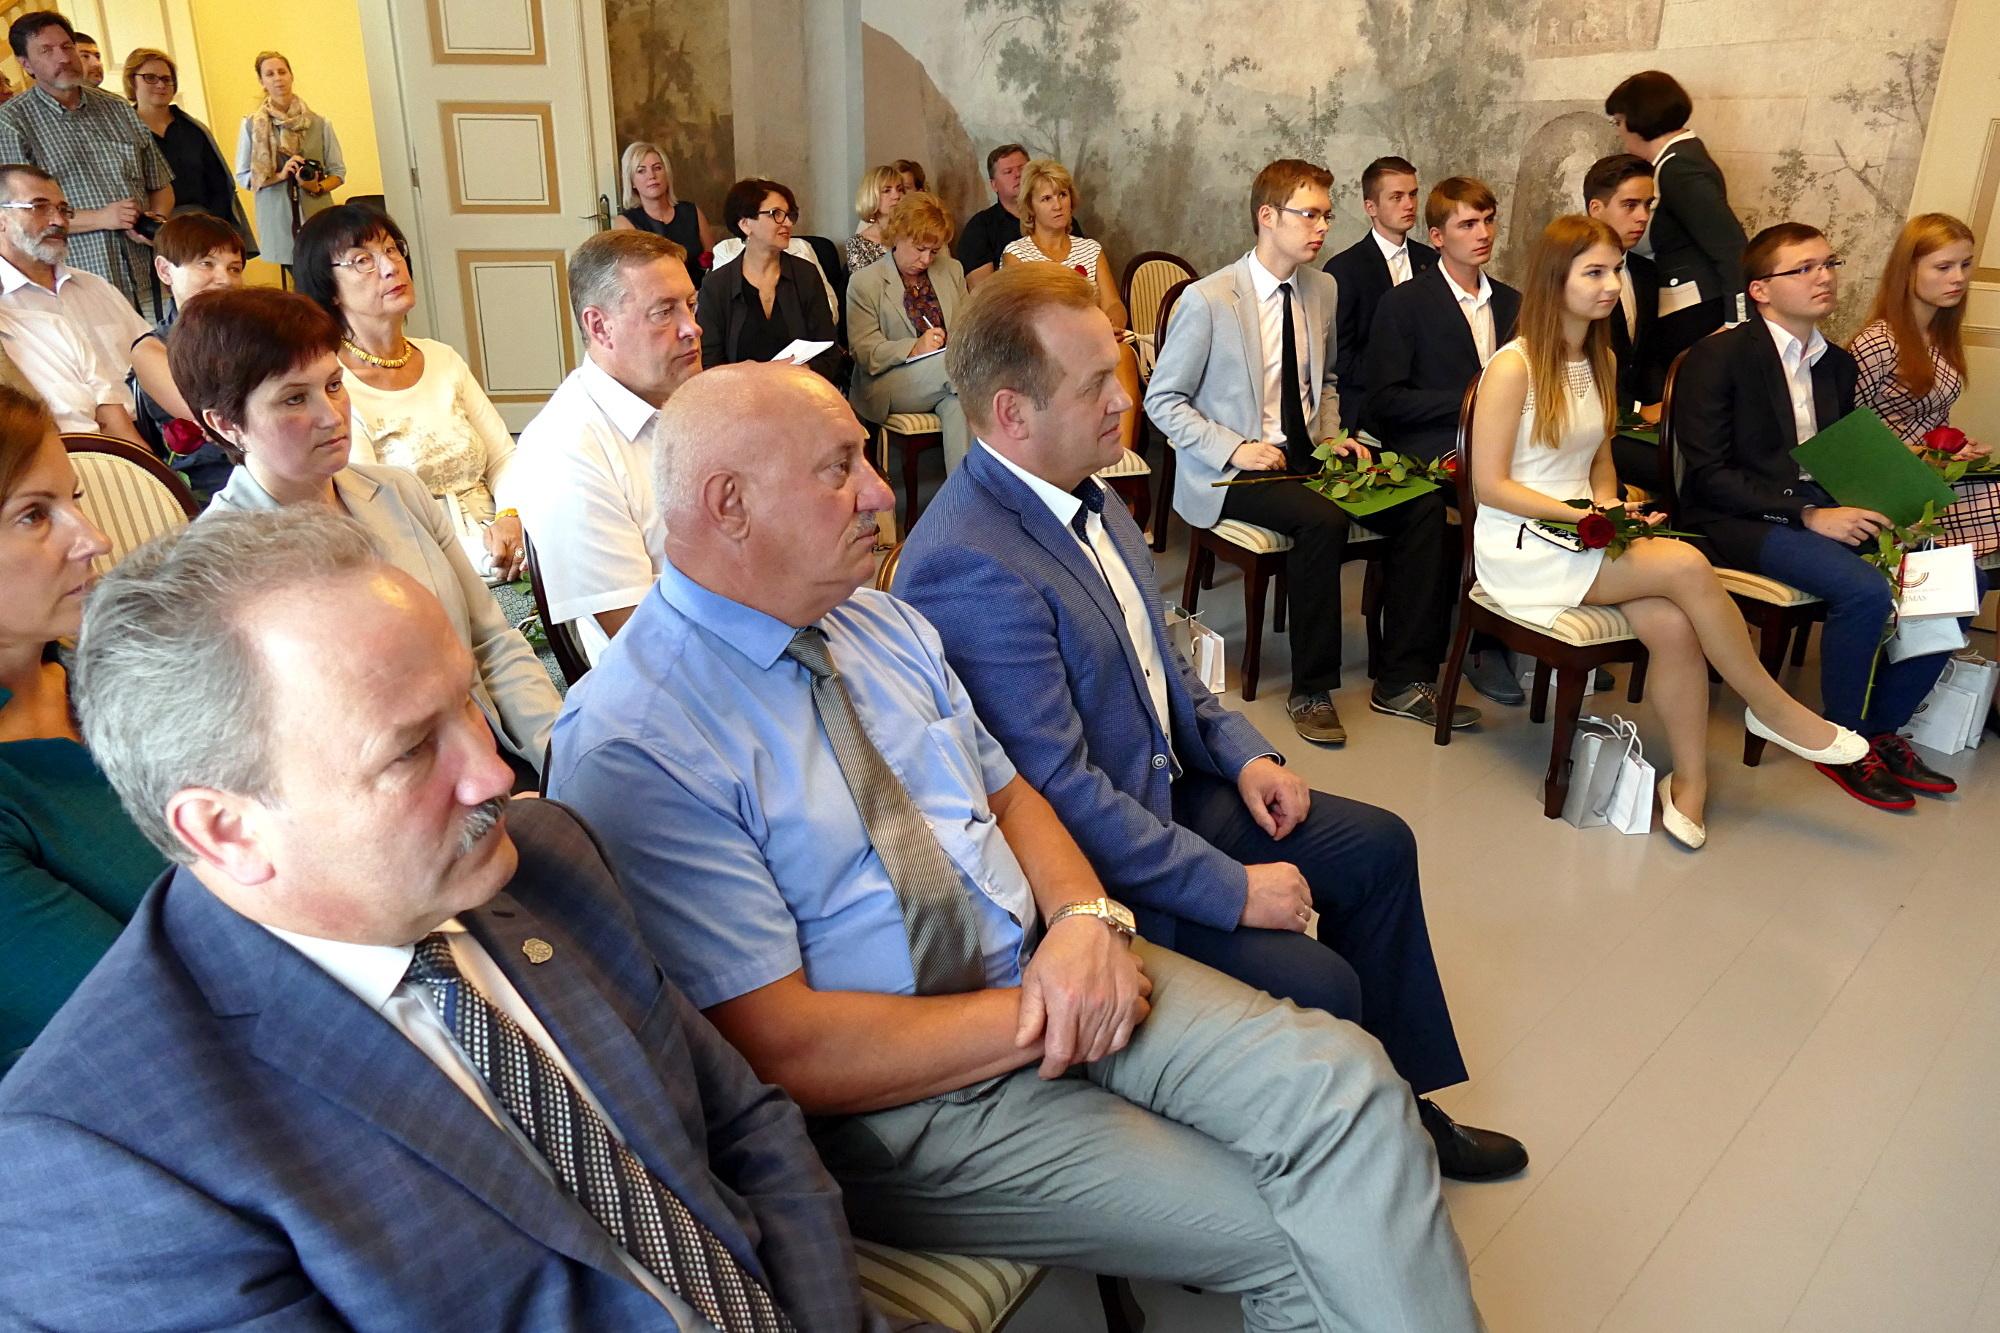 Geriausių rajono abiturientų pagerbimo ceremonijoje dalyvavo rajono vadovai, LR Seimo narys, pedagogai, abiturientų artimieji.